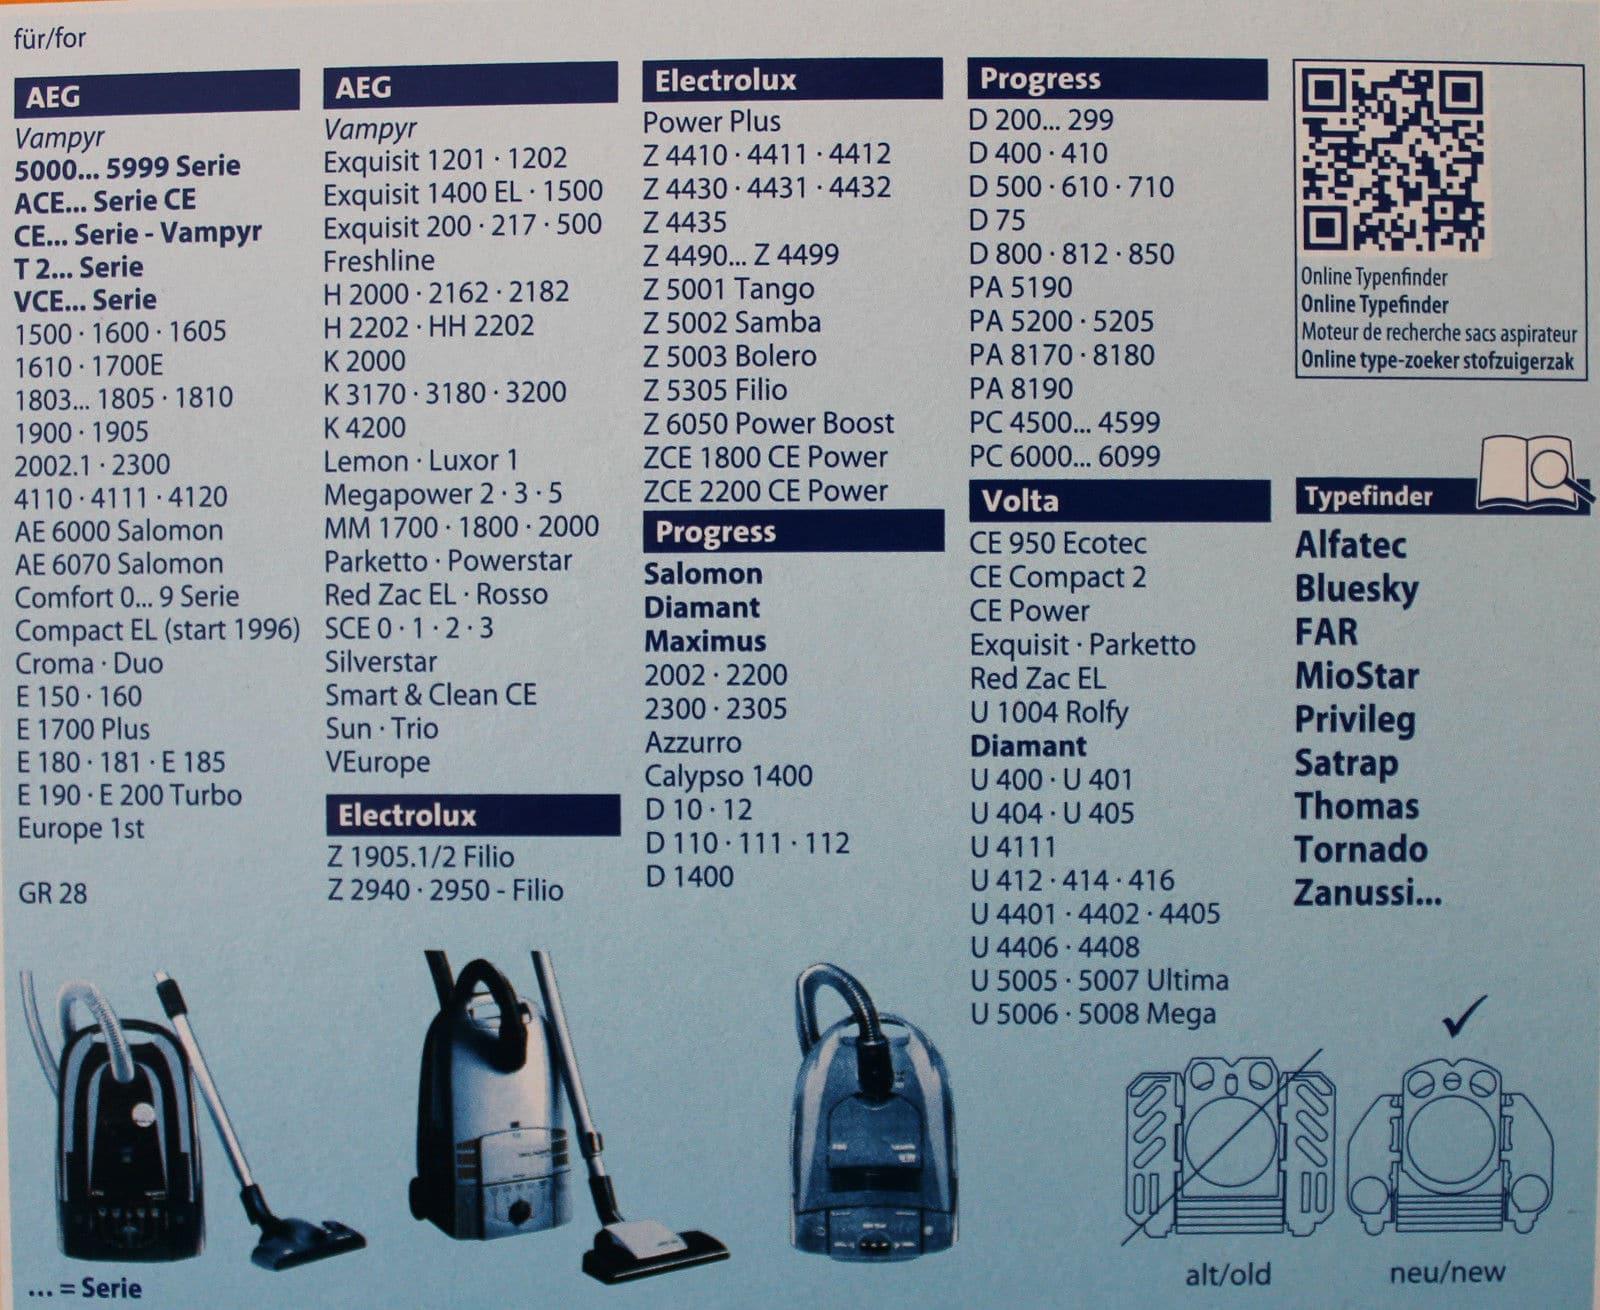 112 Staubbeutel Premium Staubsaugerbeutel passend für Progress Diamant D 110